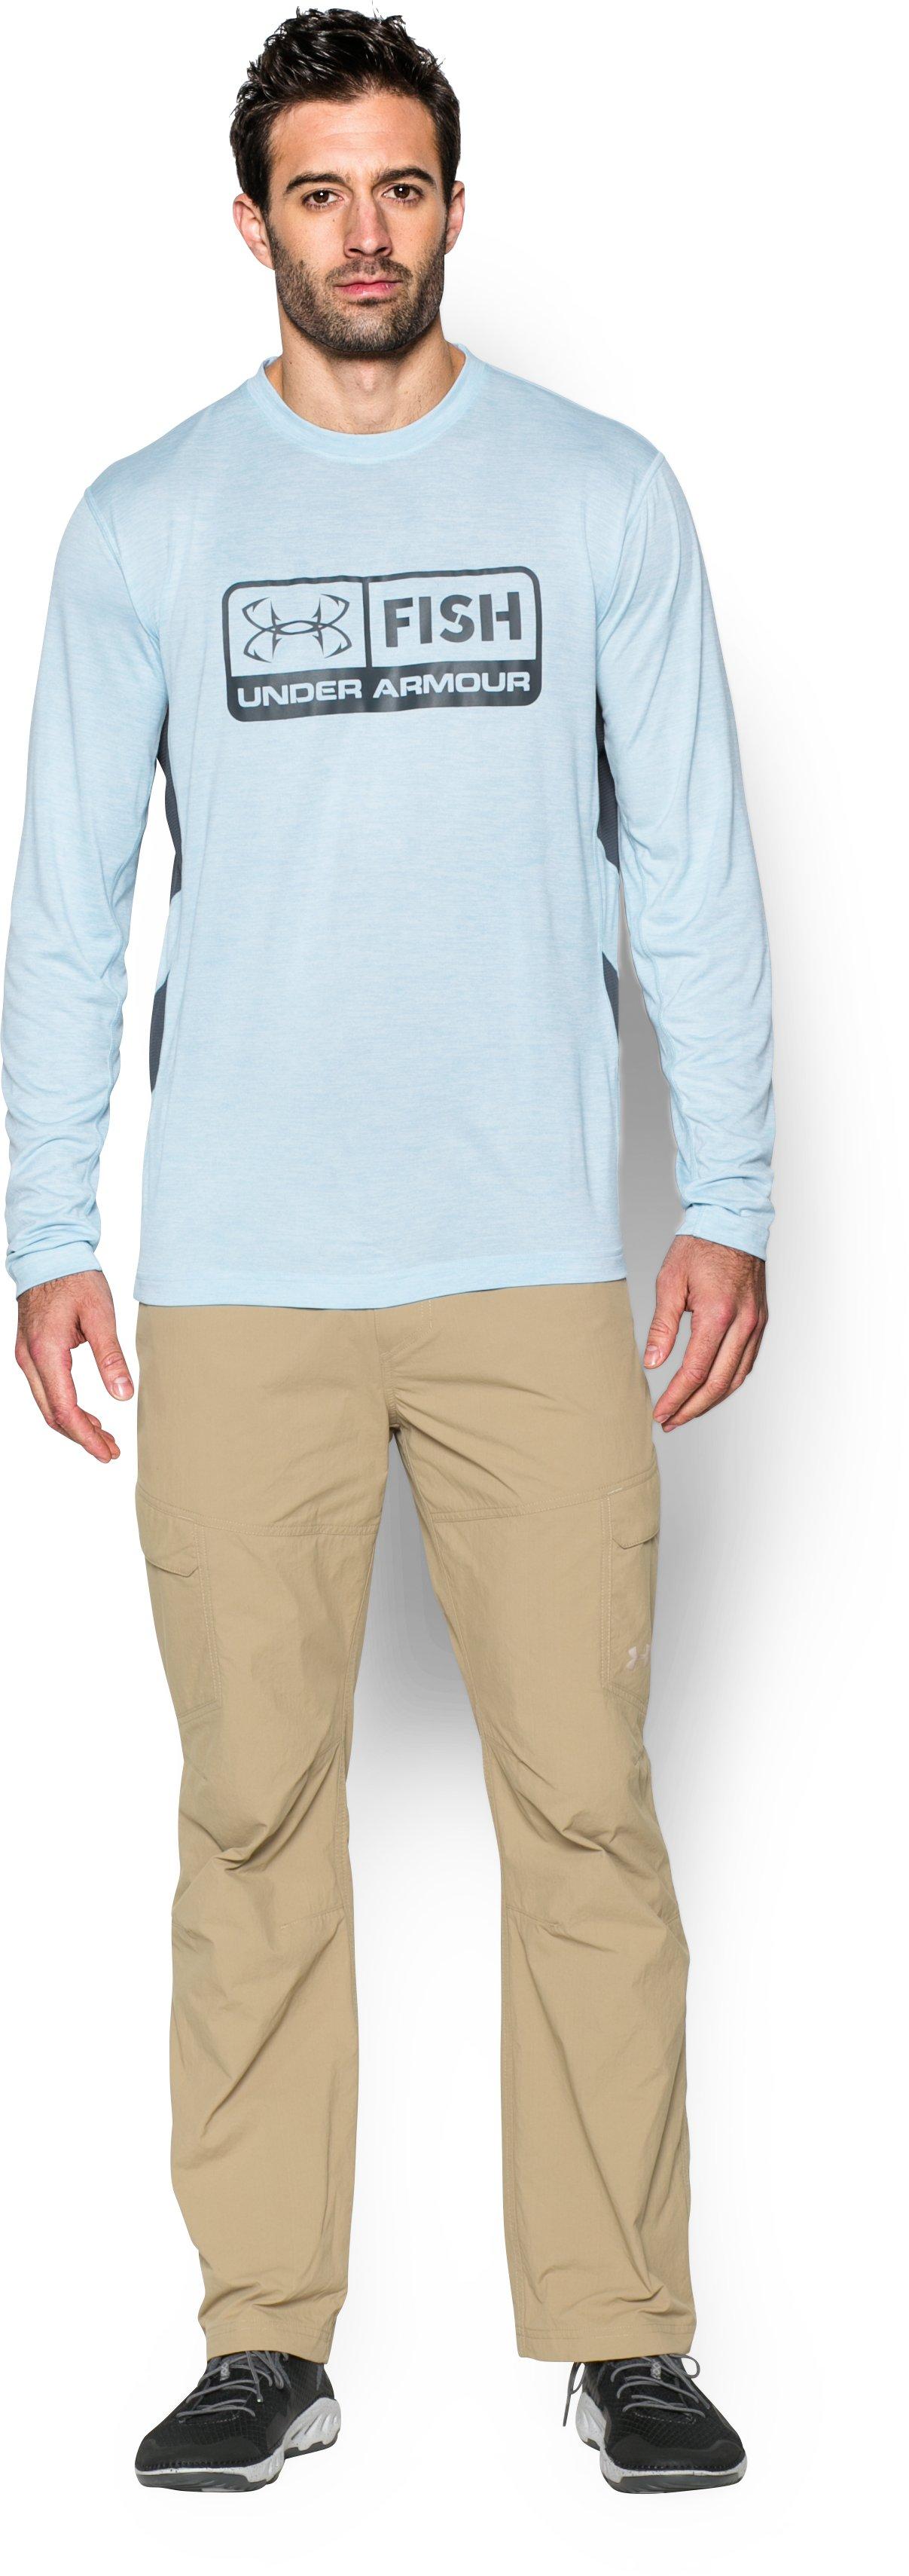 Men S Under Armour Long Sleeve Shirt